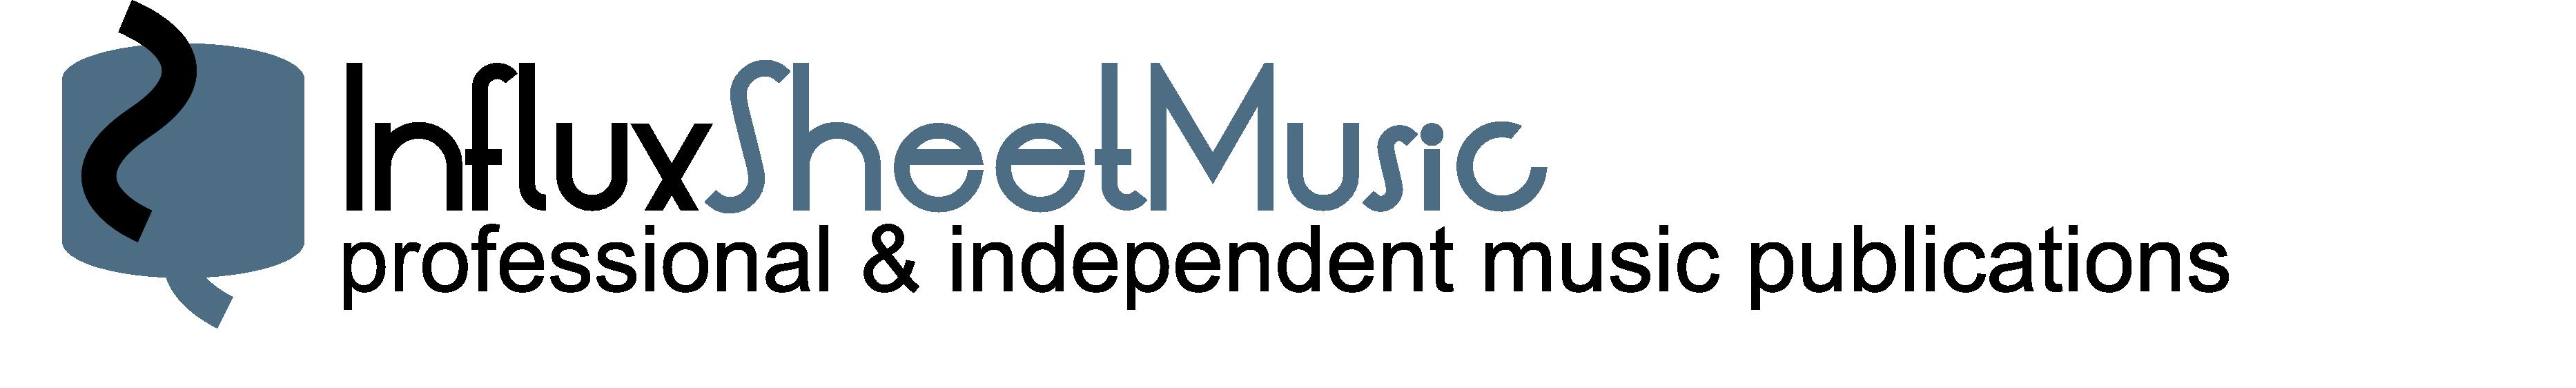 Influx Sheet Music